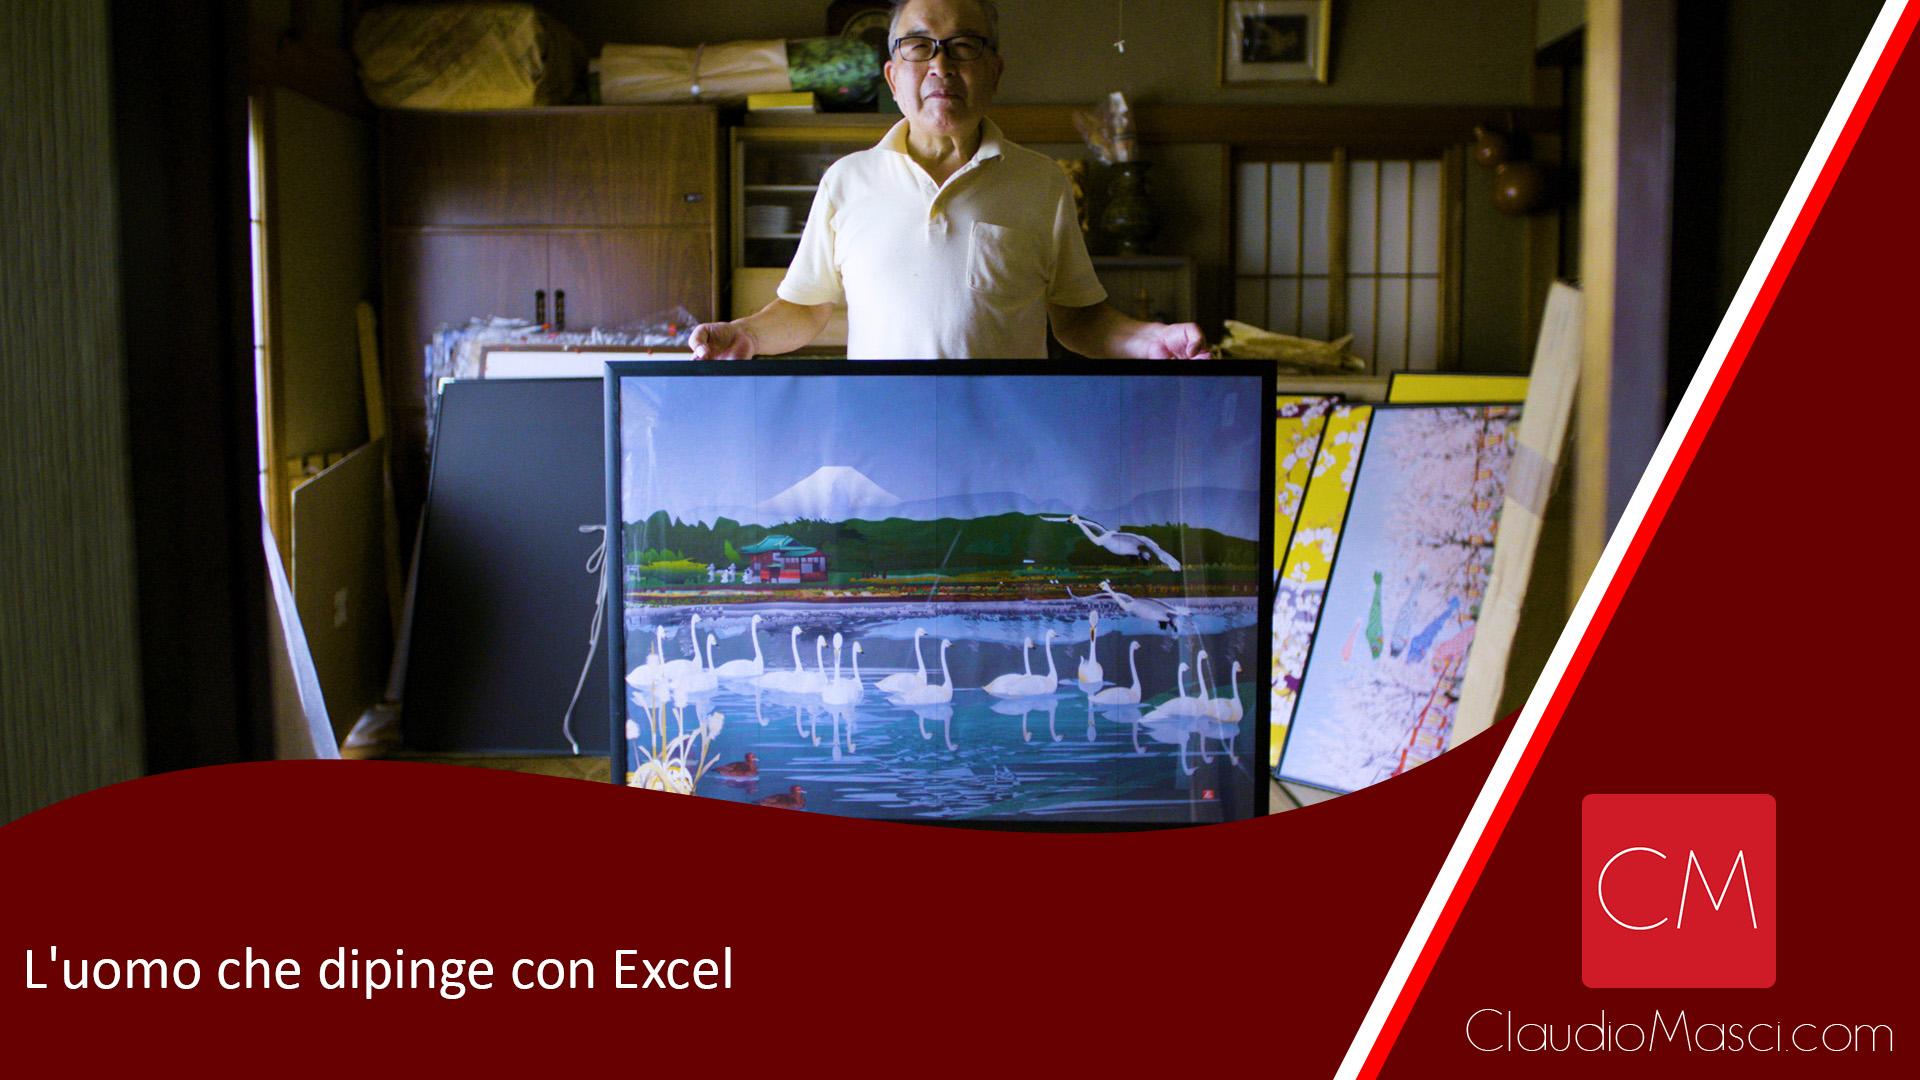 L'uomo che dipinge con Excel